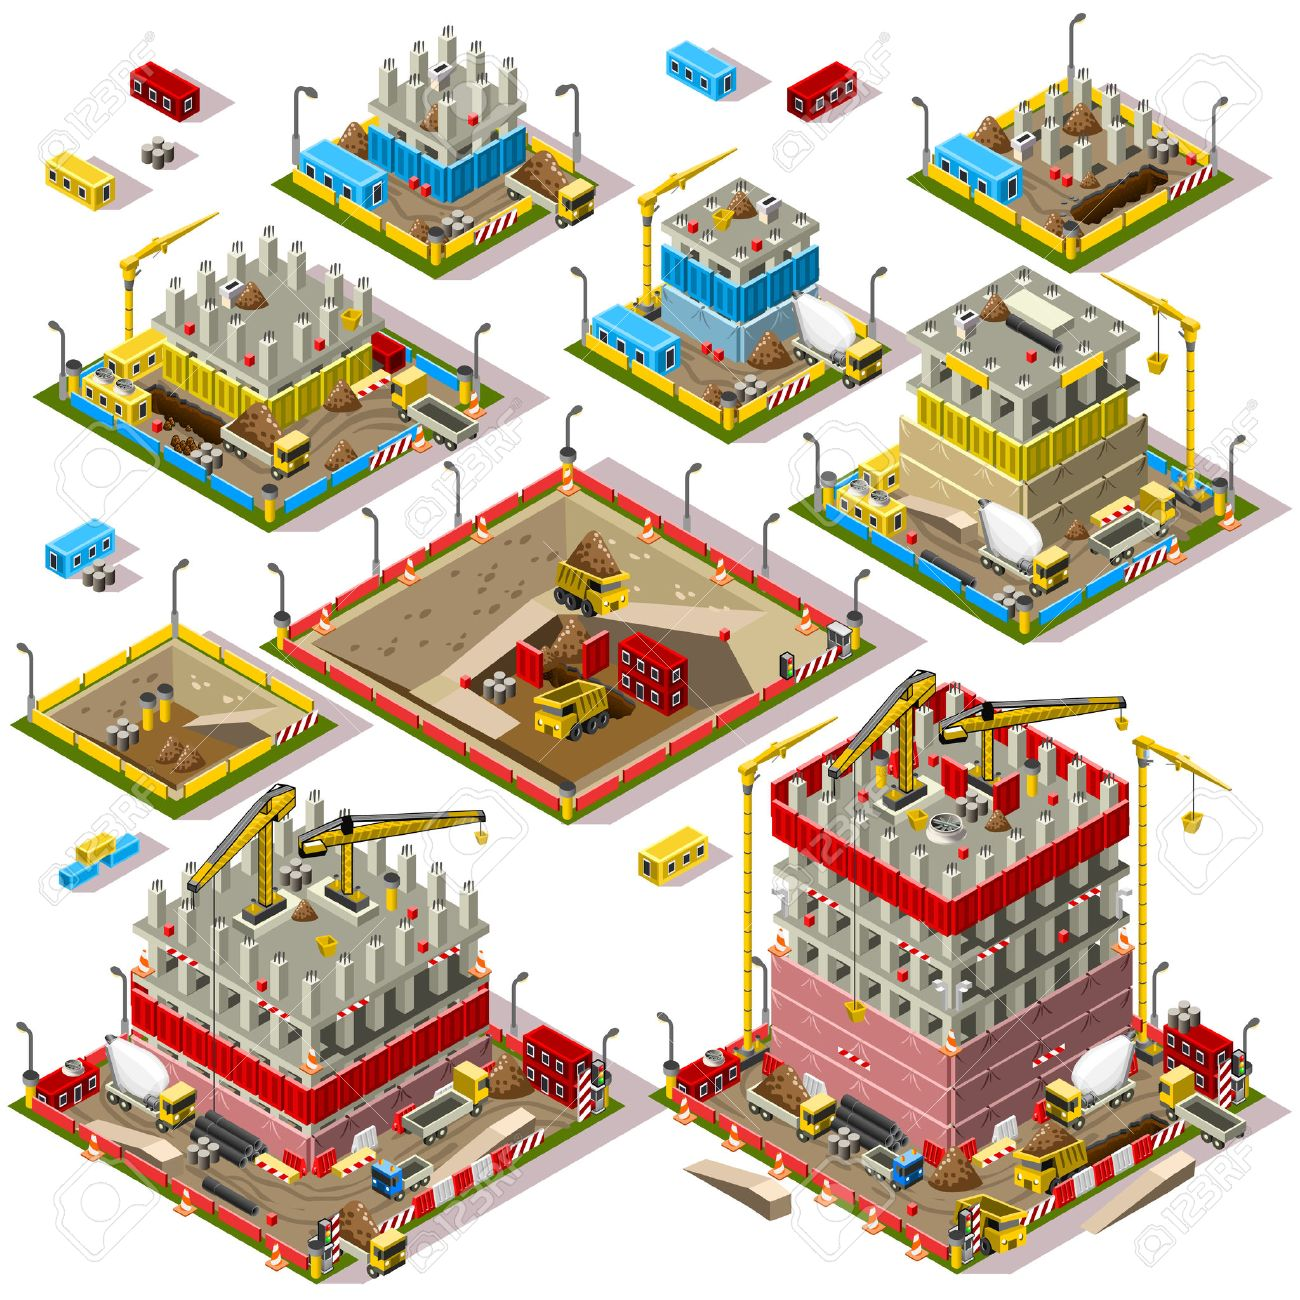 Flachen 3d Isometrische Gebaude Baustelle Stadt Map Icons Spiel Tile